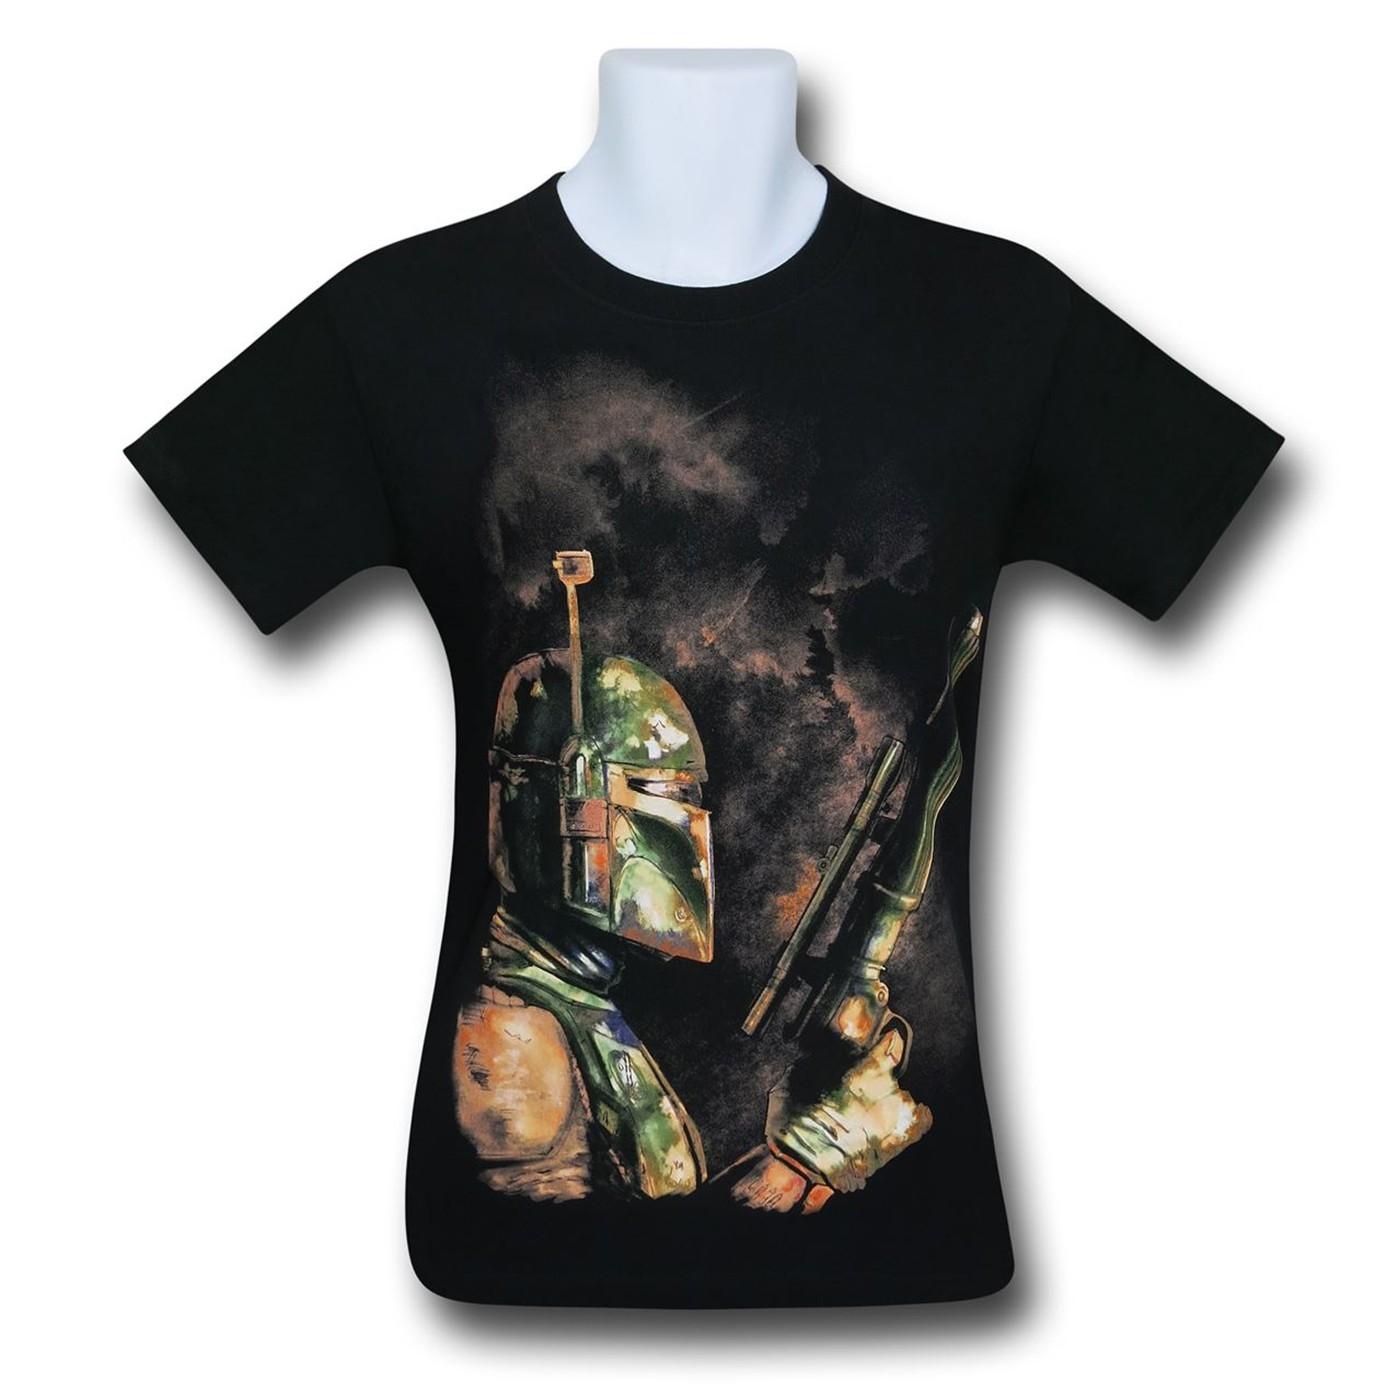 Star Wars Boba Fett Bounty Hunter T-Shirt